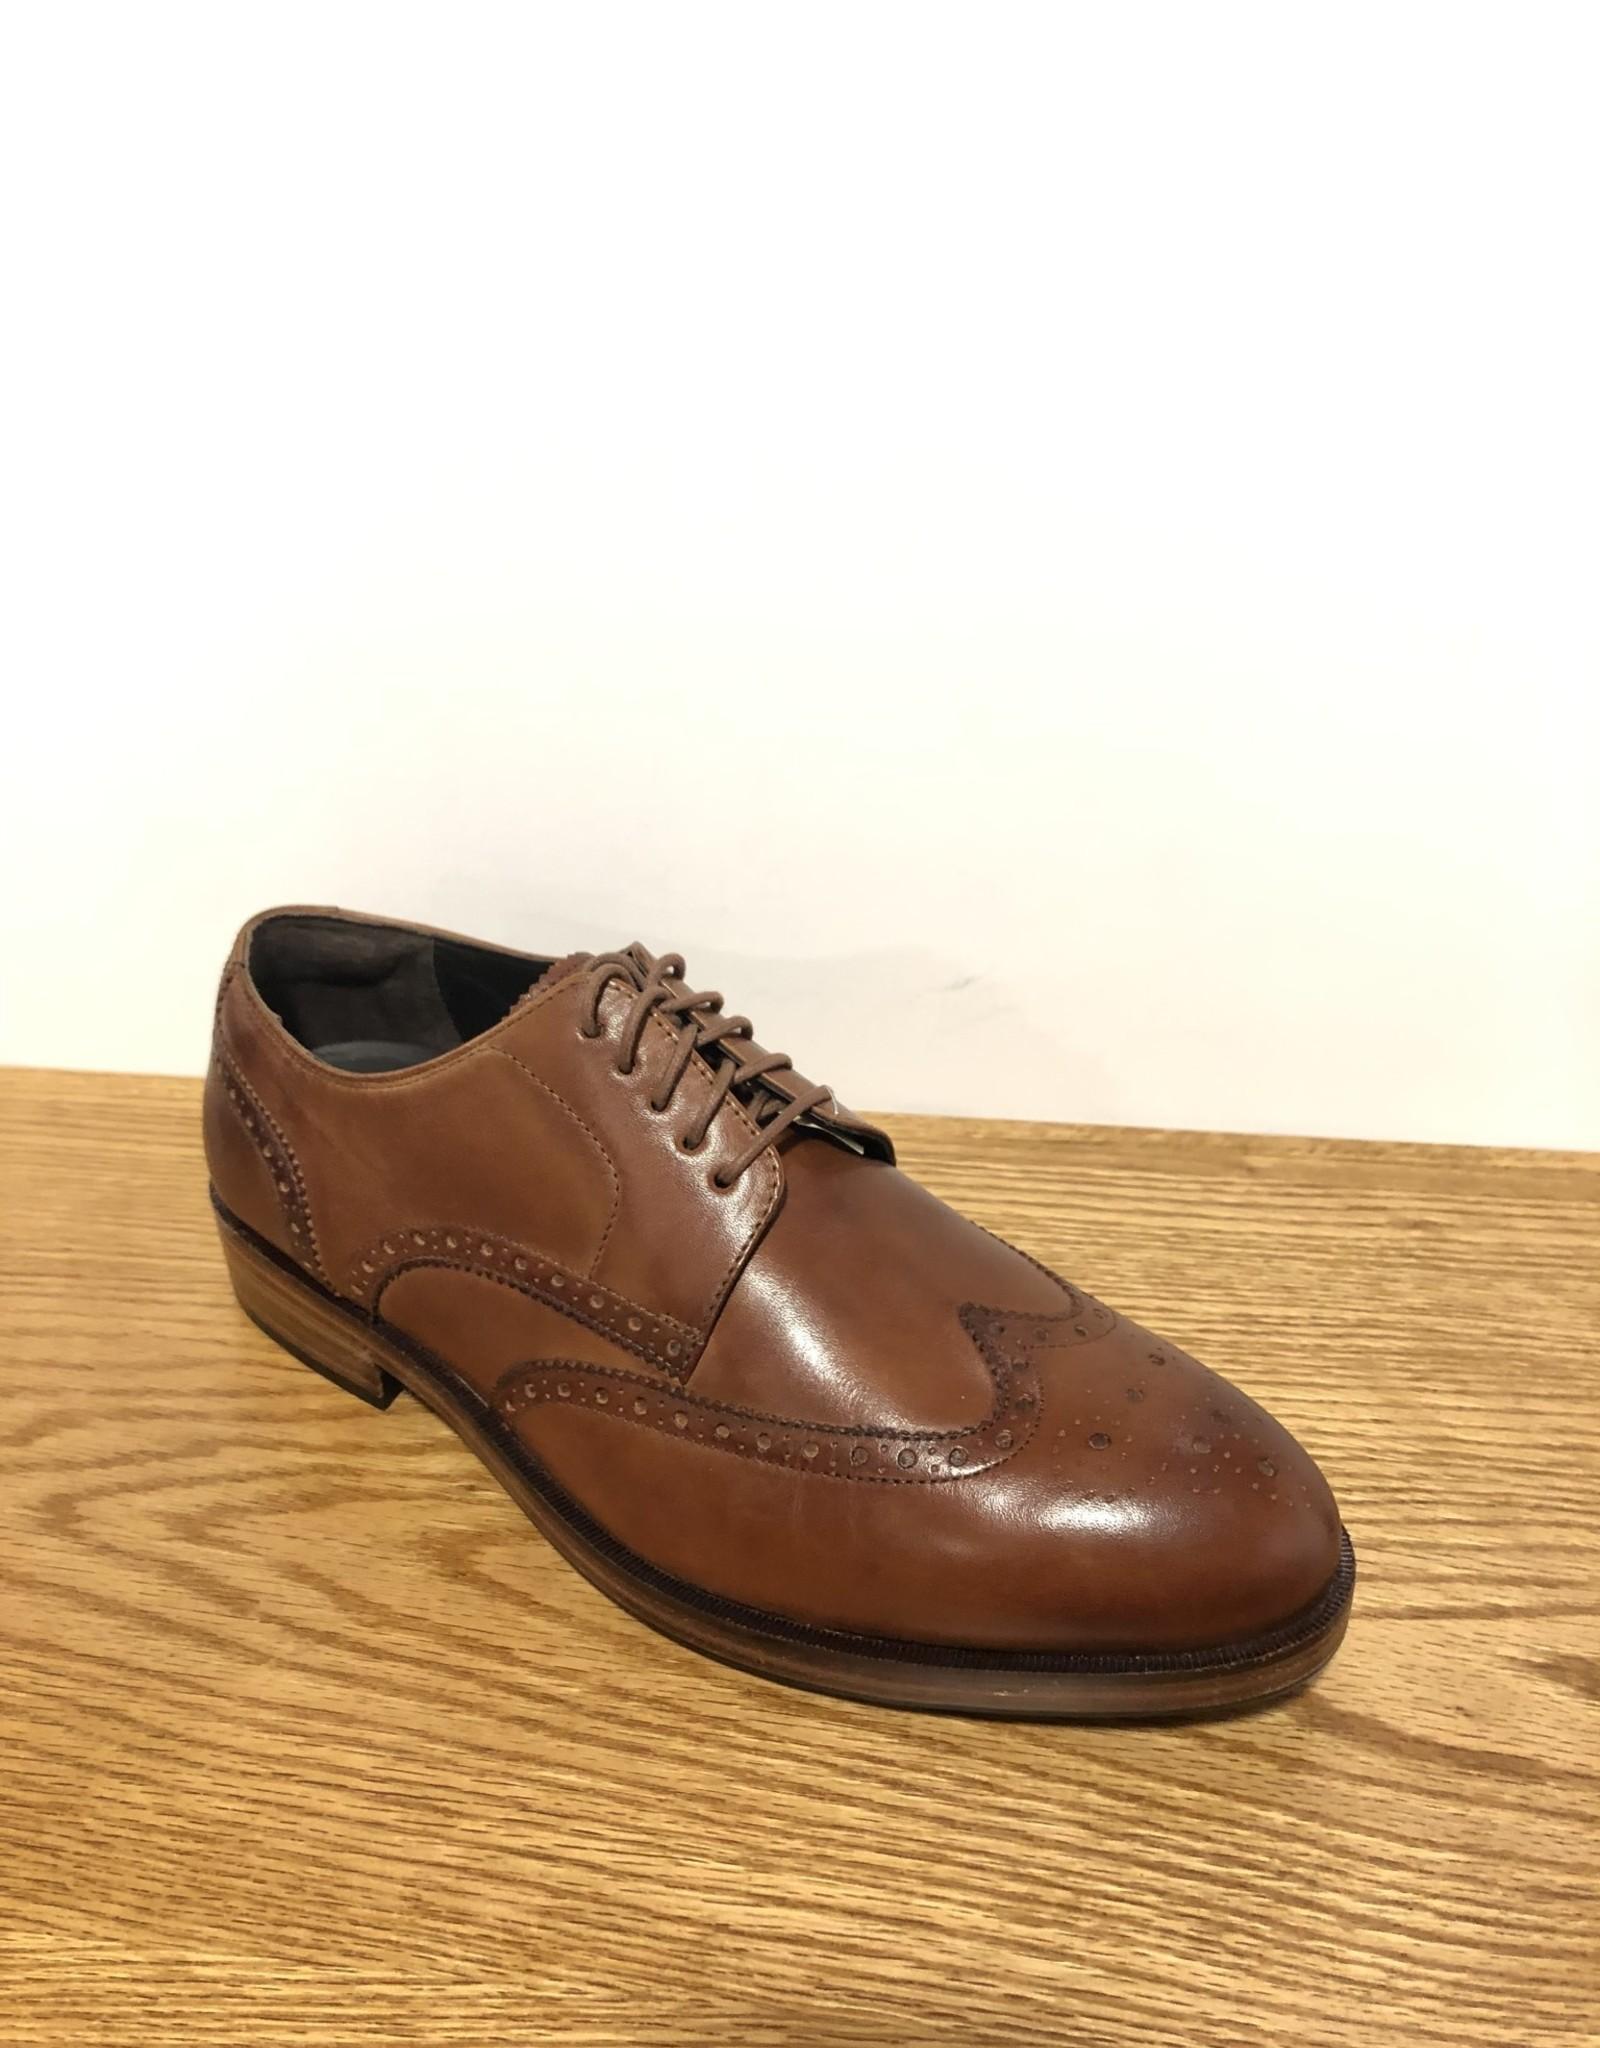 COLE HAAN C24168W Harrison Tan Wing Reg $295 Size 8